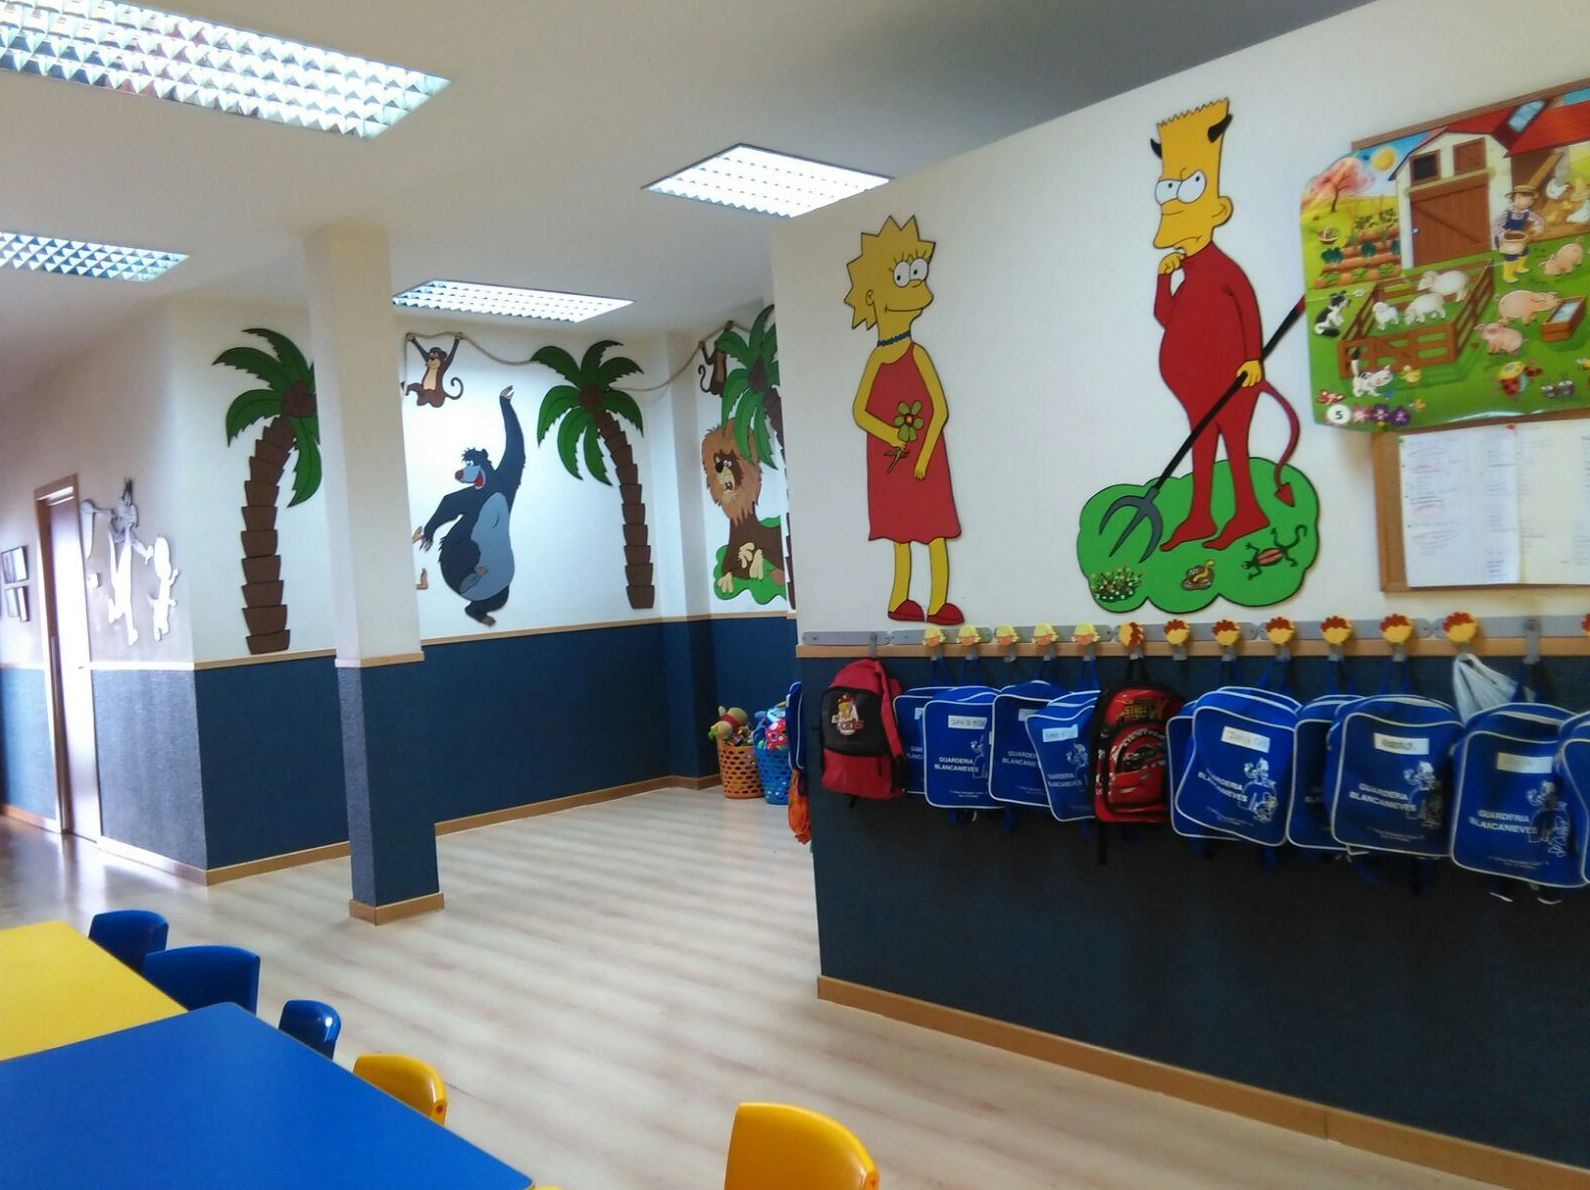 Foto 4 de Guarderías y Escuelas infantiles en Madrid | Guardería Blancanieves